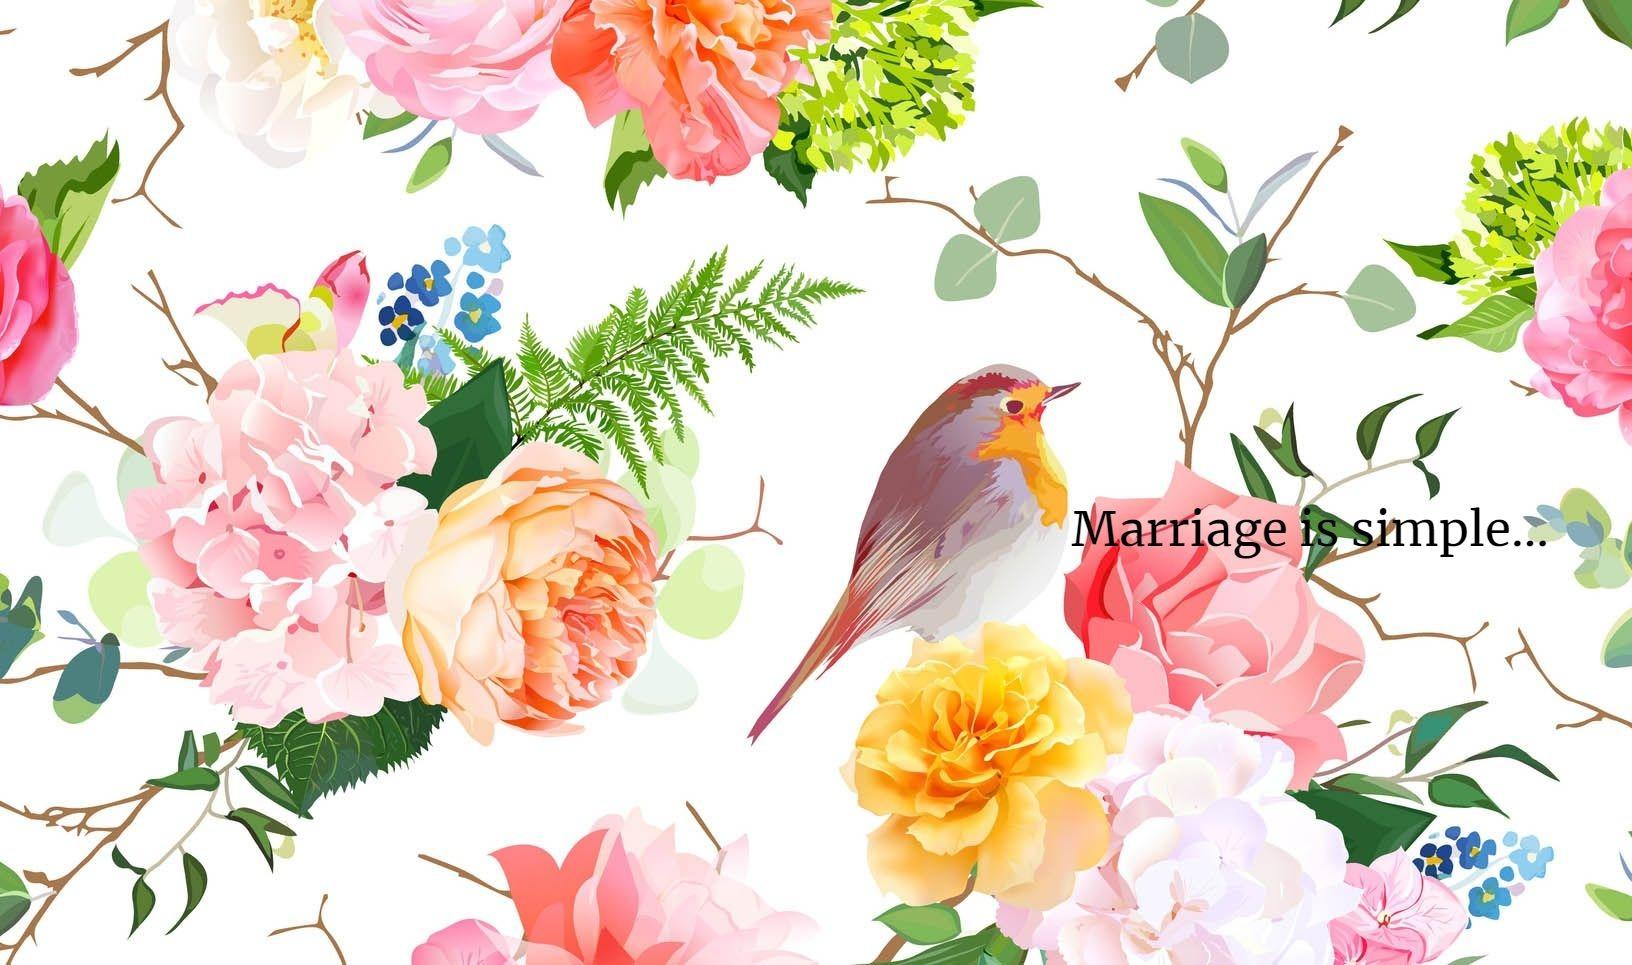 「結婚はシンプルなもの」